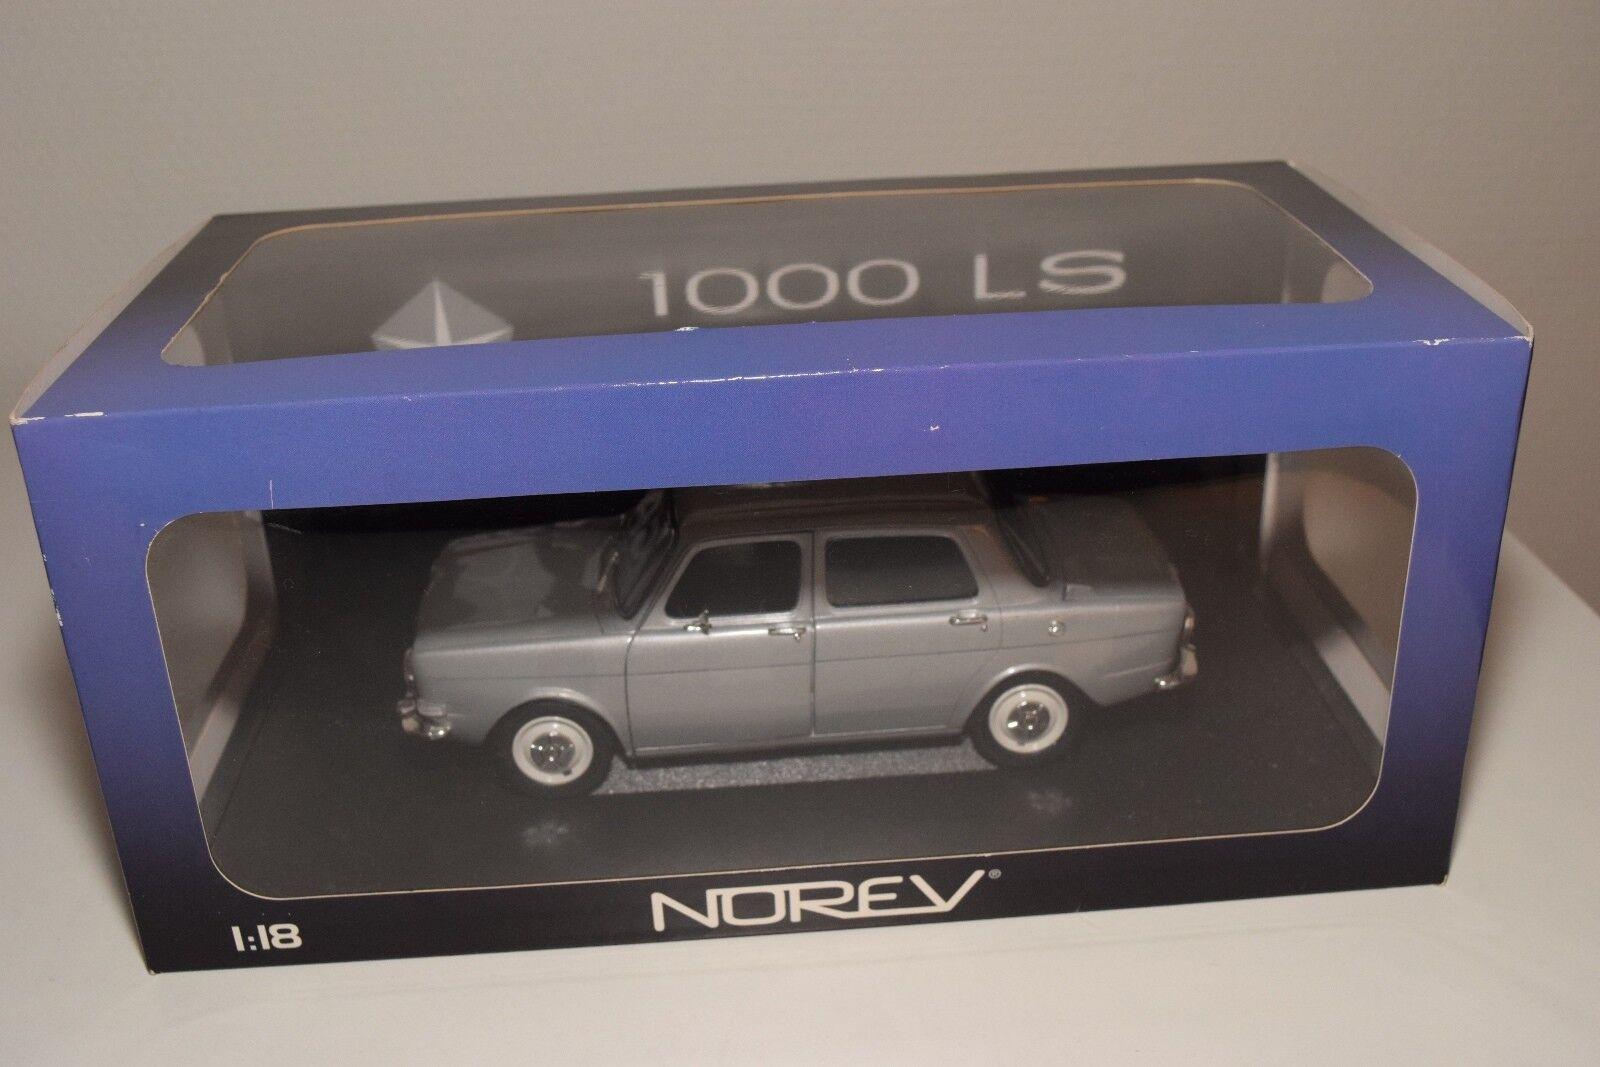 Gegen 18 norev 185710 simca 1000 ist 1000ls grau metallic - boxen